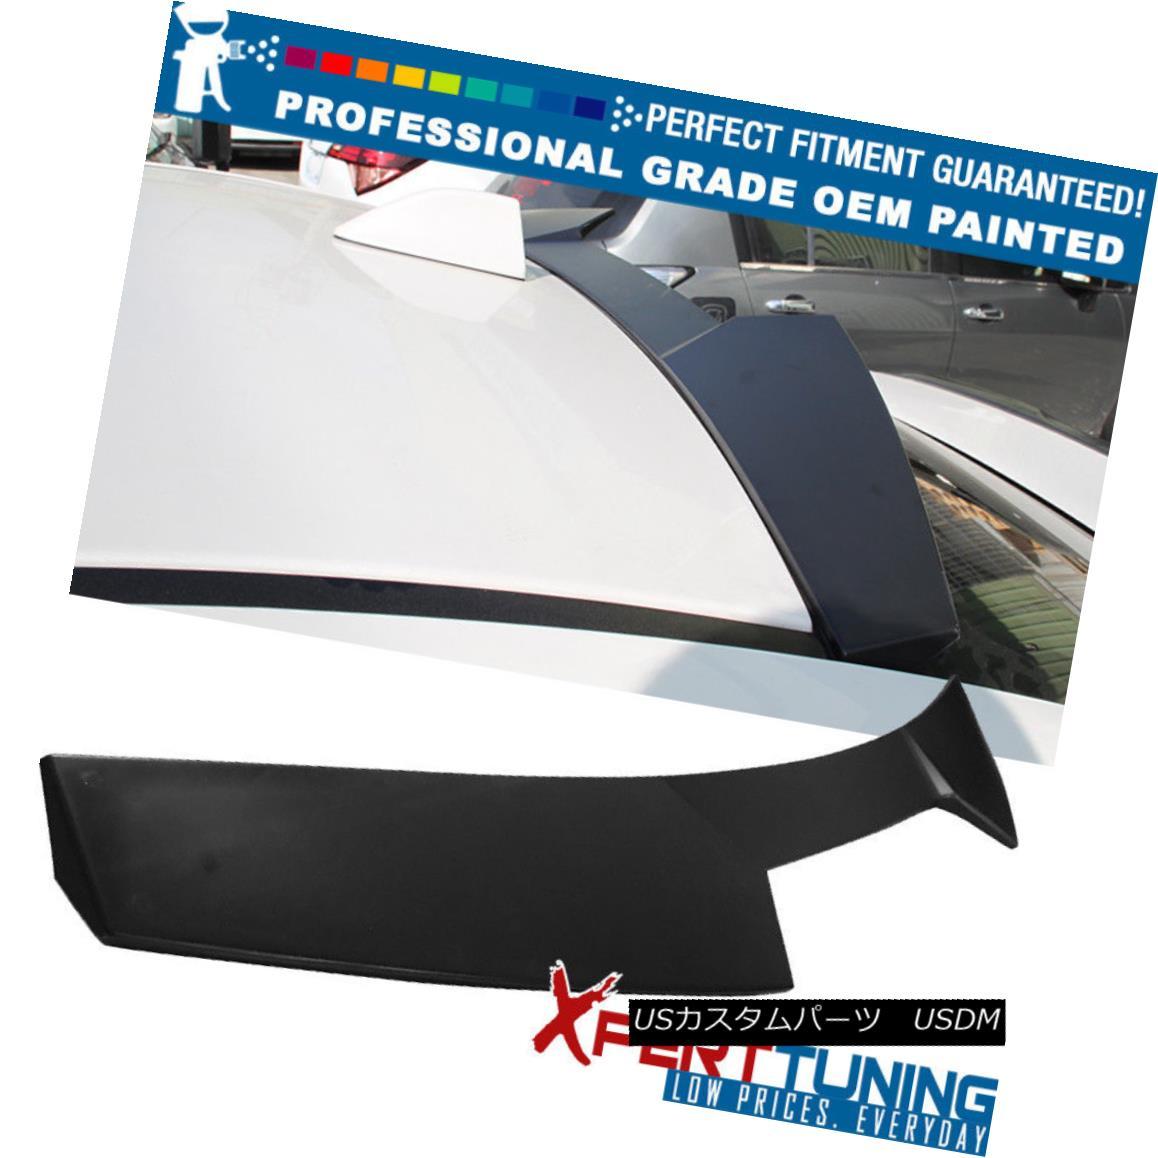 エアロパーツ Fits 15-18 Subaru WRX STI 4Dr V2 Style Roof Spoiler Wing - OEM Painted Color スバルWRX STI 4Dr V2スタイルルーフスポイラーウィング - OEM塗装カラー15-18フィート